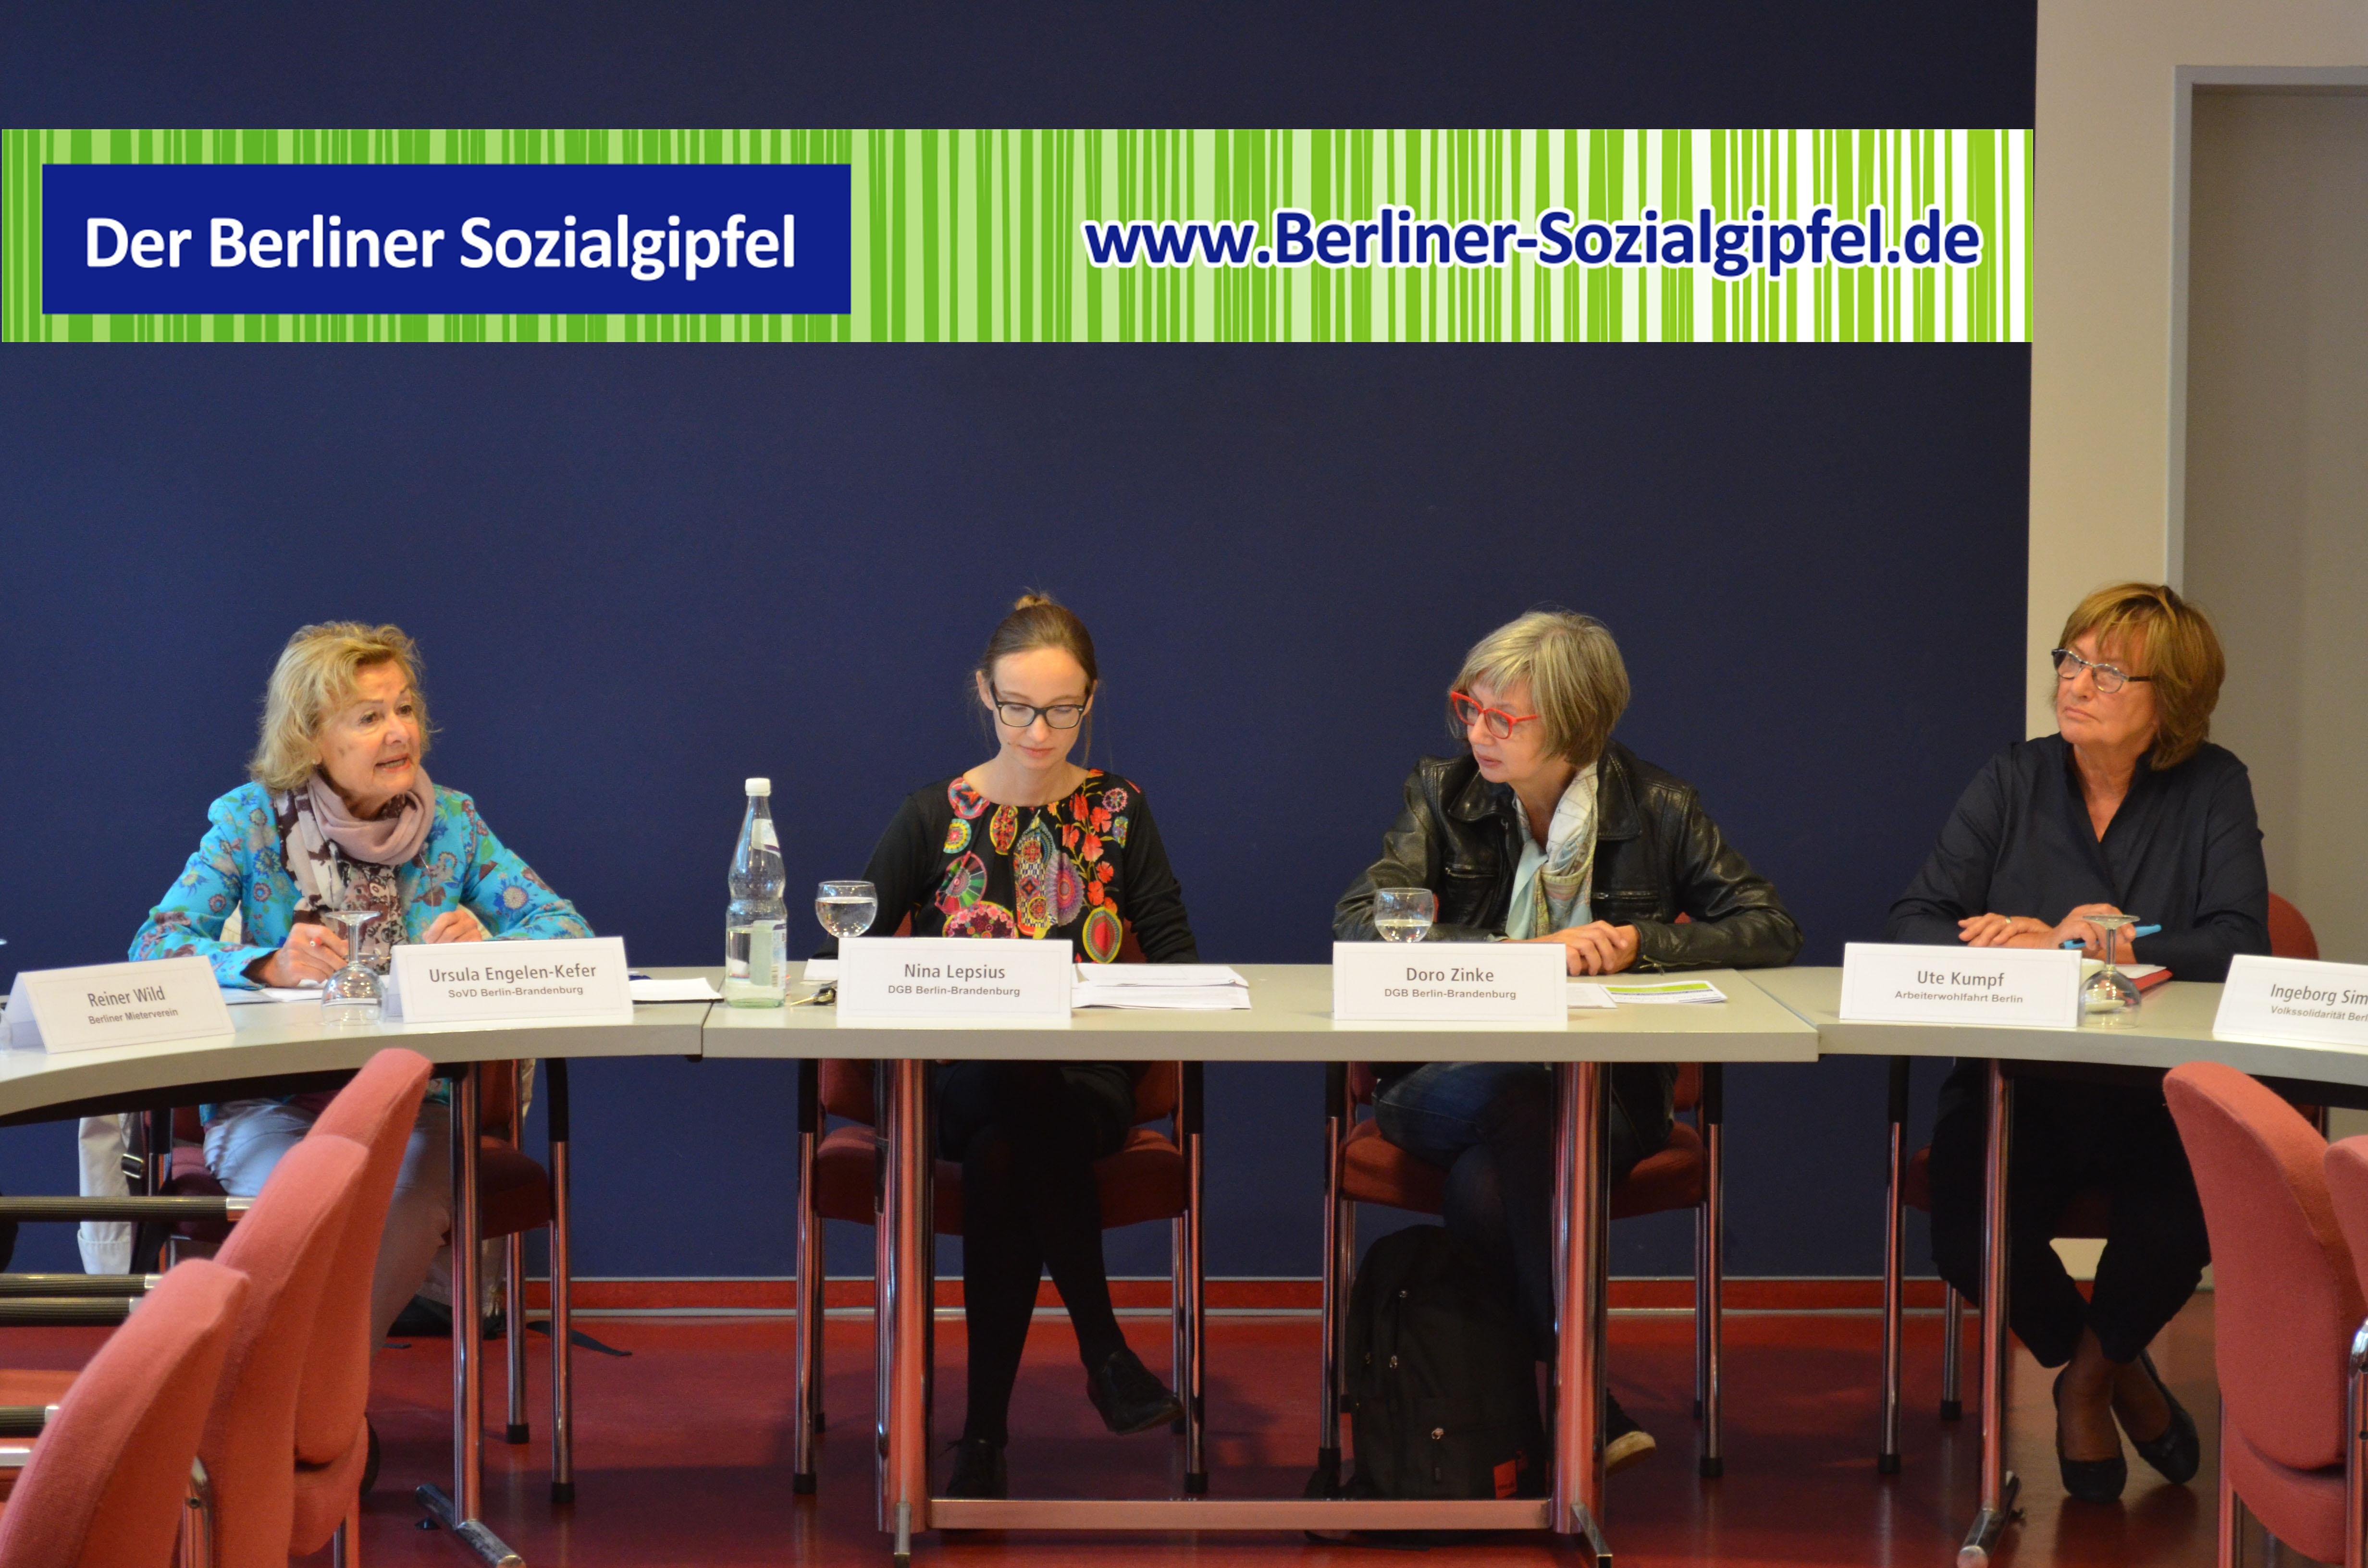 von links nach rechts: Ute Kumpf, Landesvorsitzende AWO Berlin;  Doro Zinke, DGB Vorsitzende DGB Bezirk Berlin Brandenburg; Nina Lepsius Pressesprecherin DGB Berlin, selbst